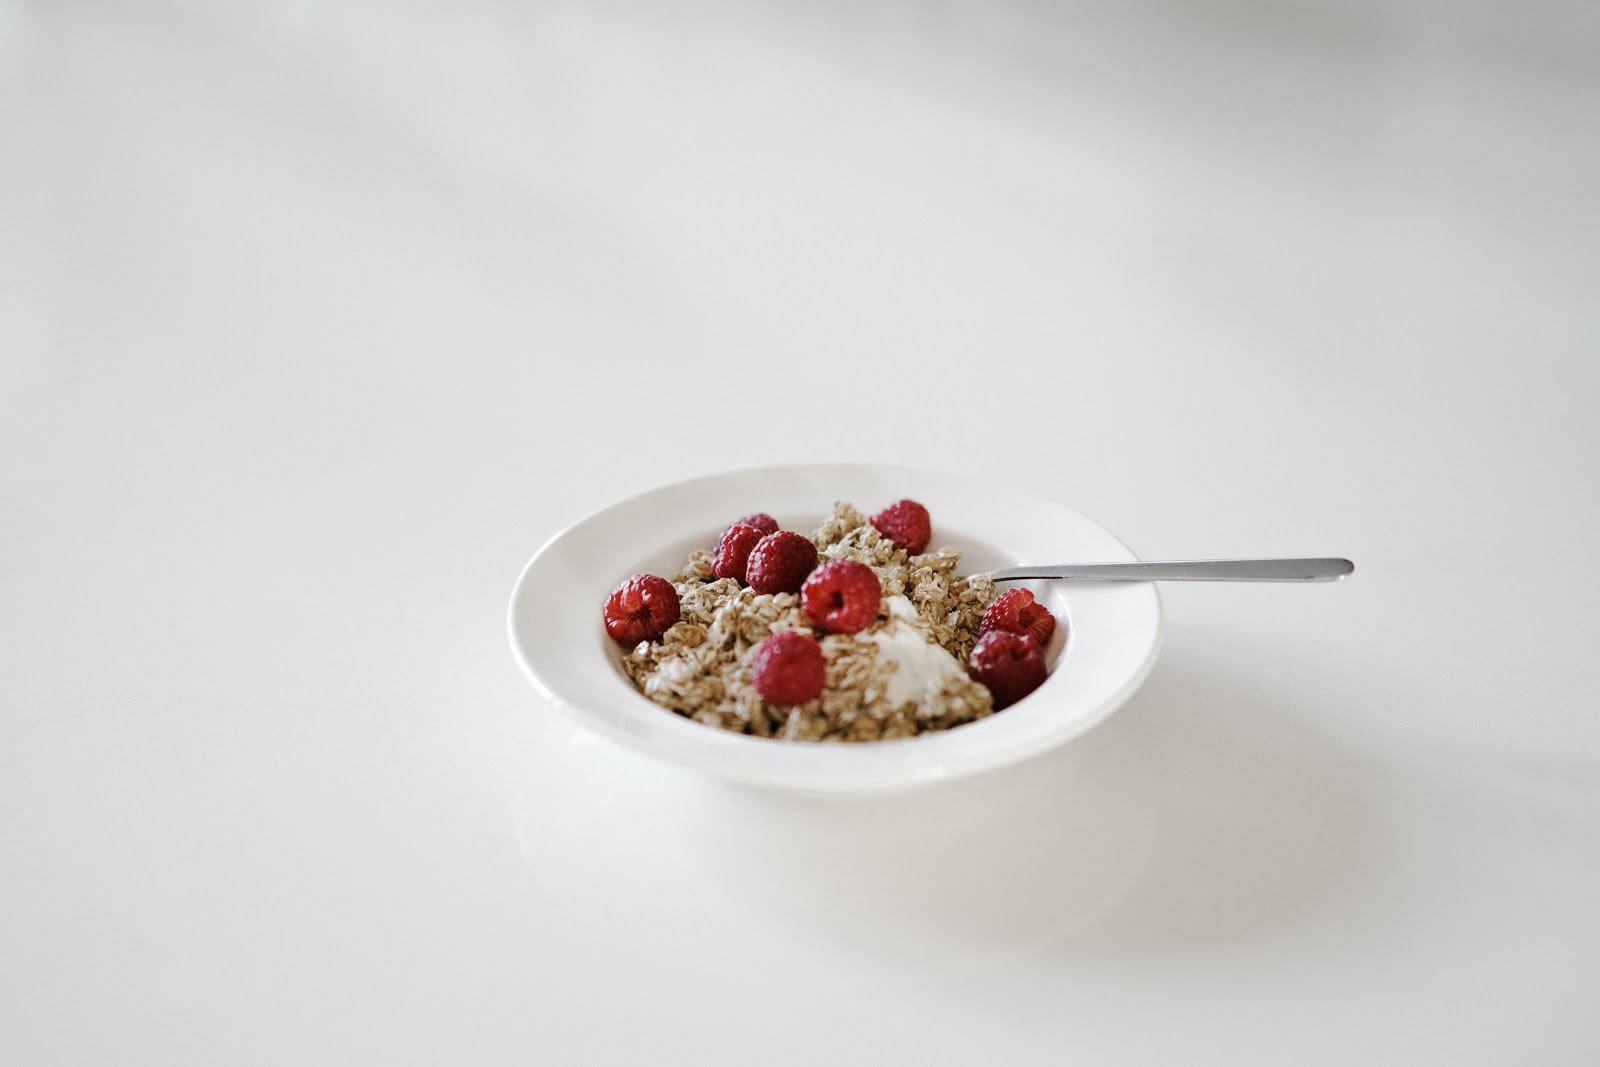 Adopting a Minimalist Diet